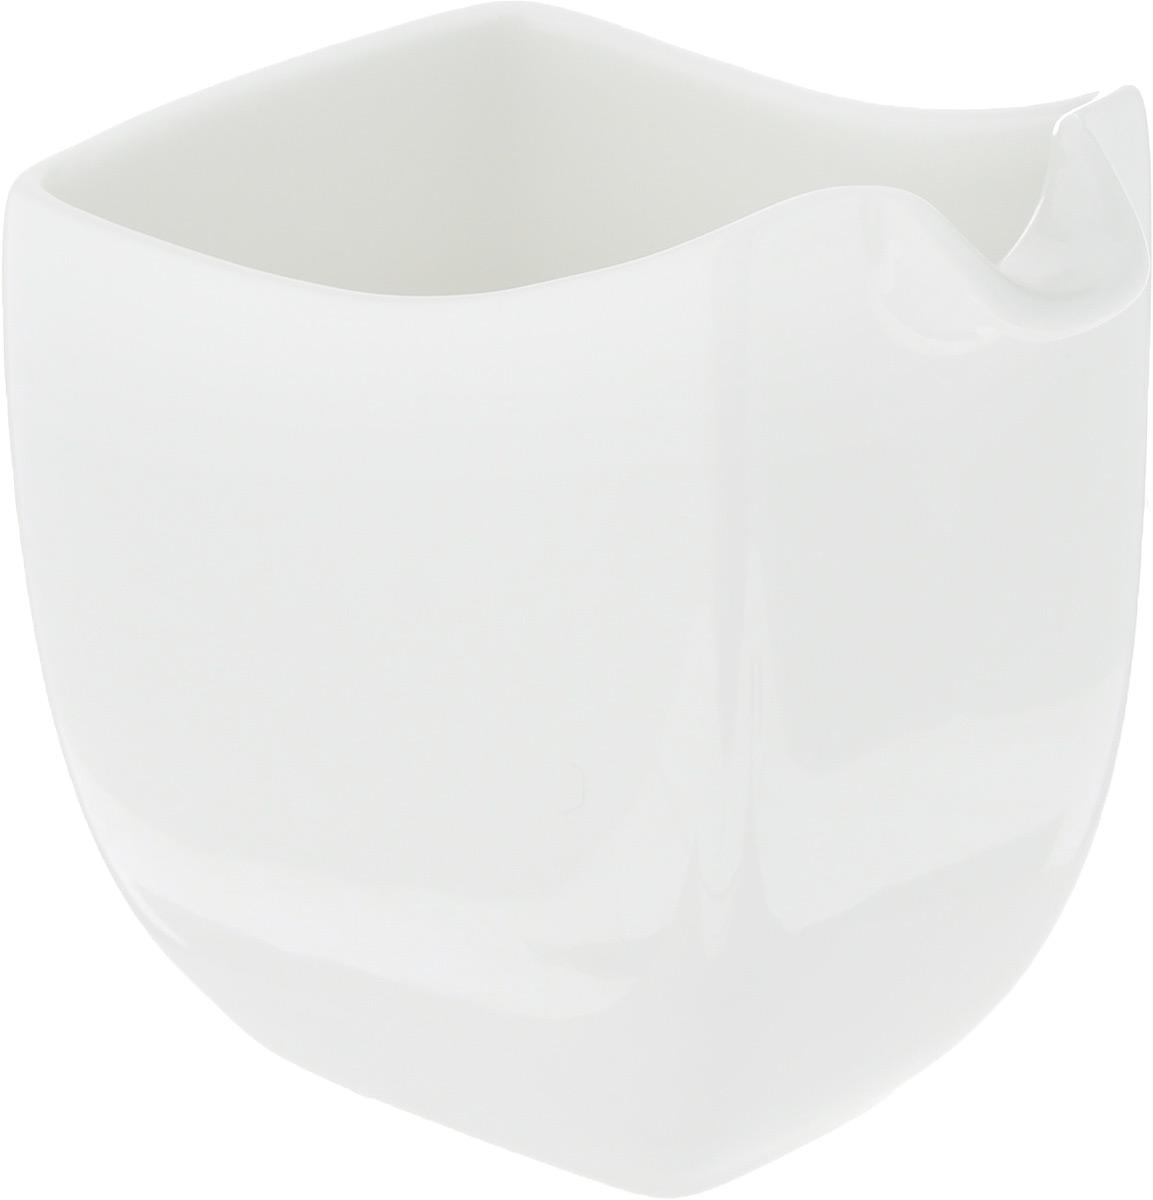 Молочник Ariane Rectangle, 150 млAVRARN64015Элегантный молочник Ariane Rectangle, выполненный из высококачественного фарфора с глазурованным покрытием, предназначен для подачи сливок, соуса и молока. Изящный, но в то же время простой дизайн молочника, станет прекрасным украшением стола. Можно мыть в посудомоечной машине и использовать в микроволновой печи. Размер молочника (по верхнему краю): 5,5 х 8 см.Высота молочника: 9 см.